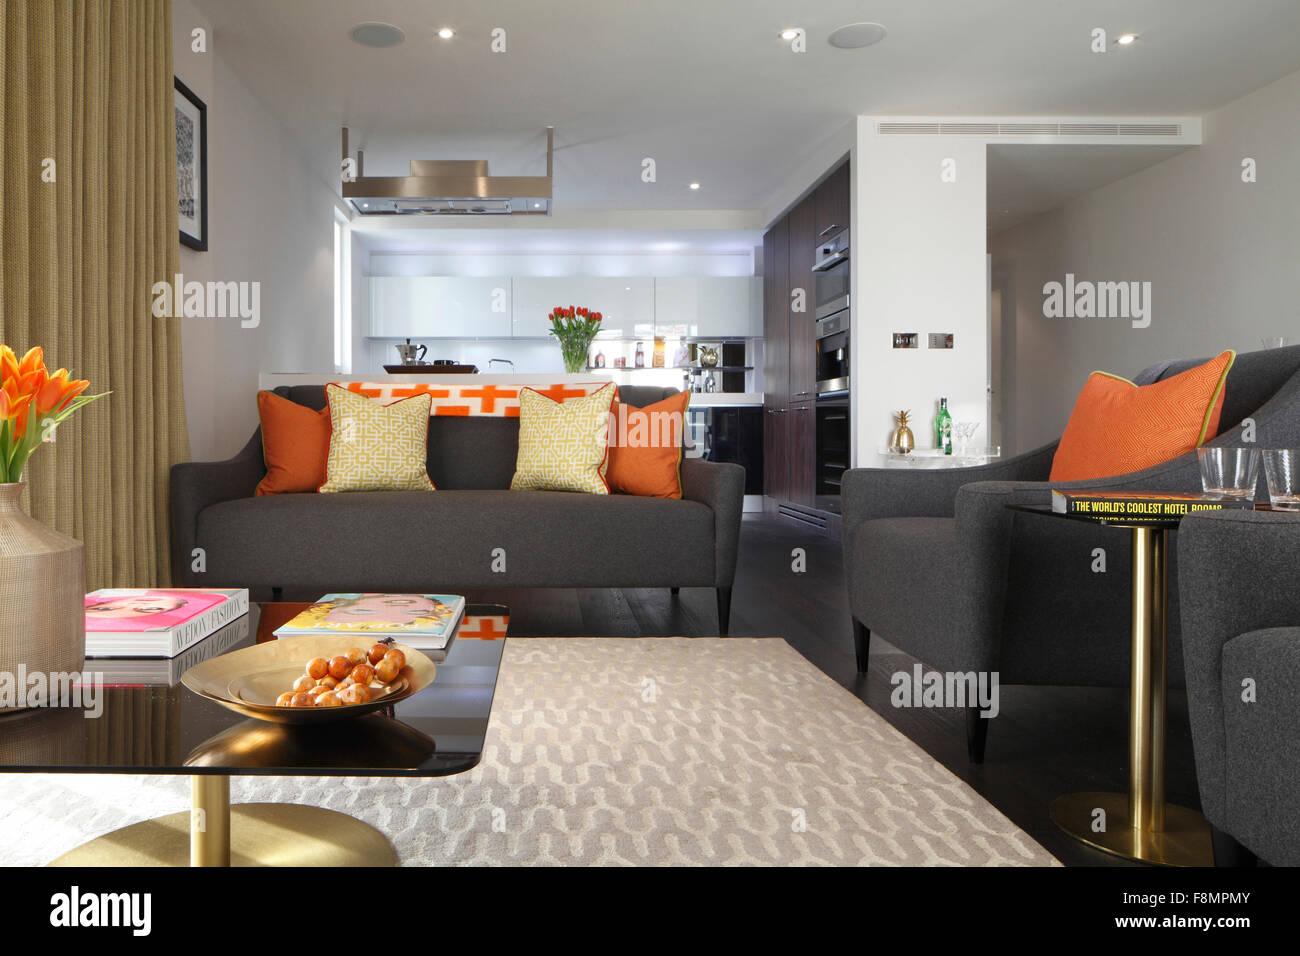 Colori Interni Grigio : Soggiorno in una residenza privata. interni dal design moderno